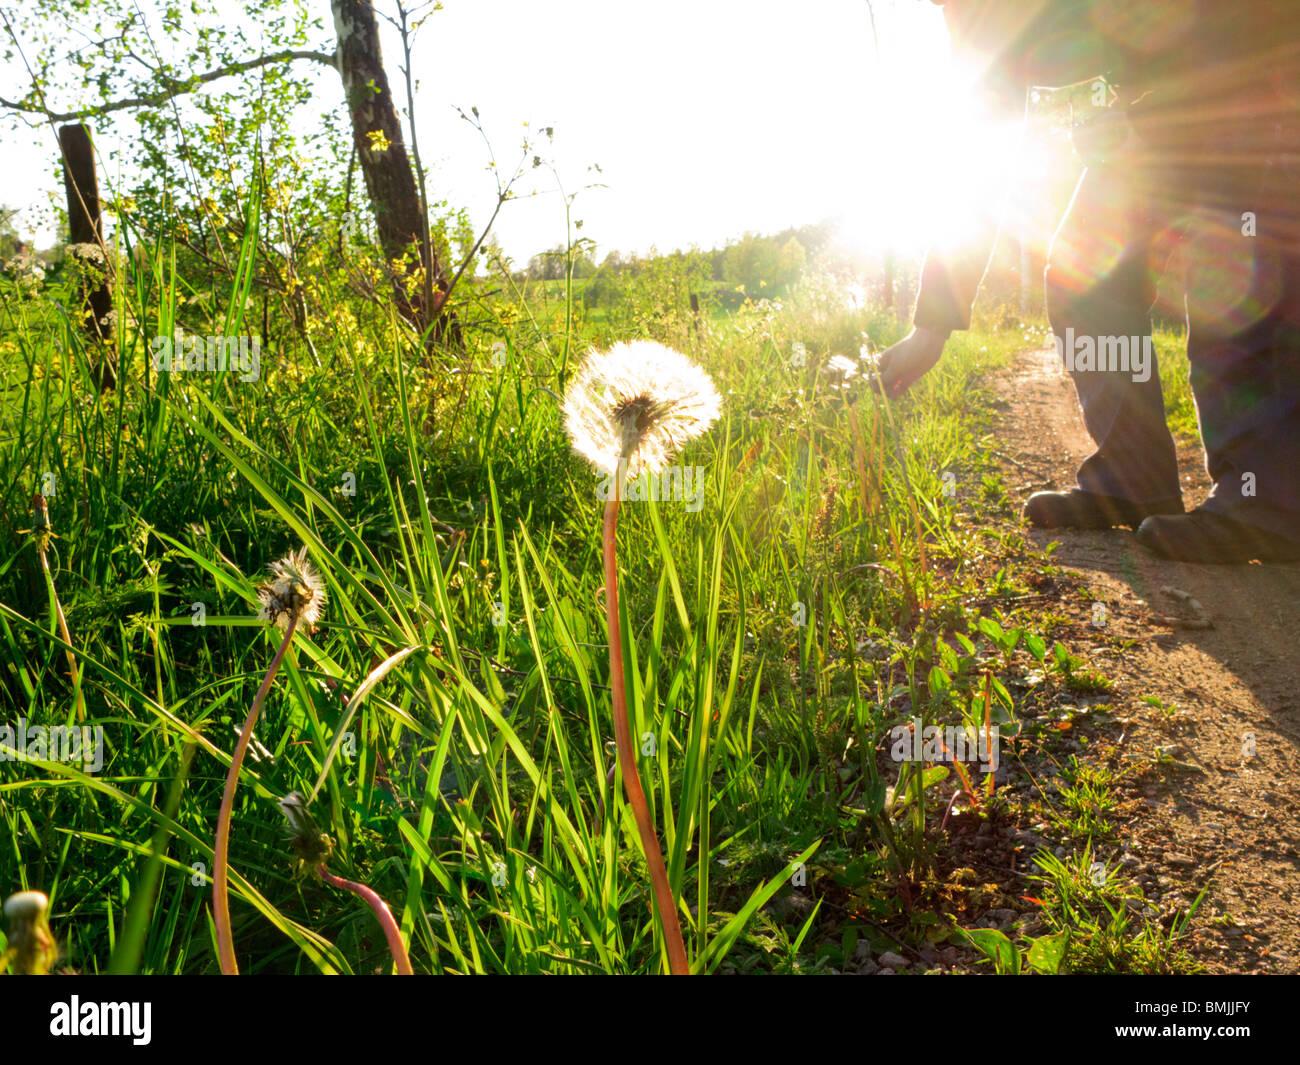 Skandinavien, Schweden, Sodermanland, Person Kommissionierung Löwenzahn (Lens Flare) Stockbild